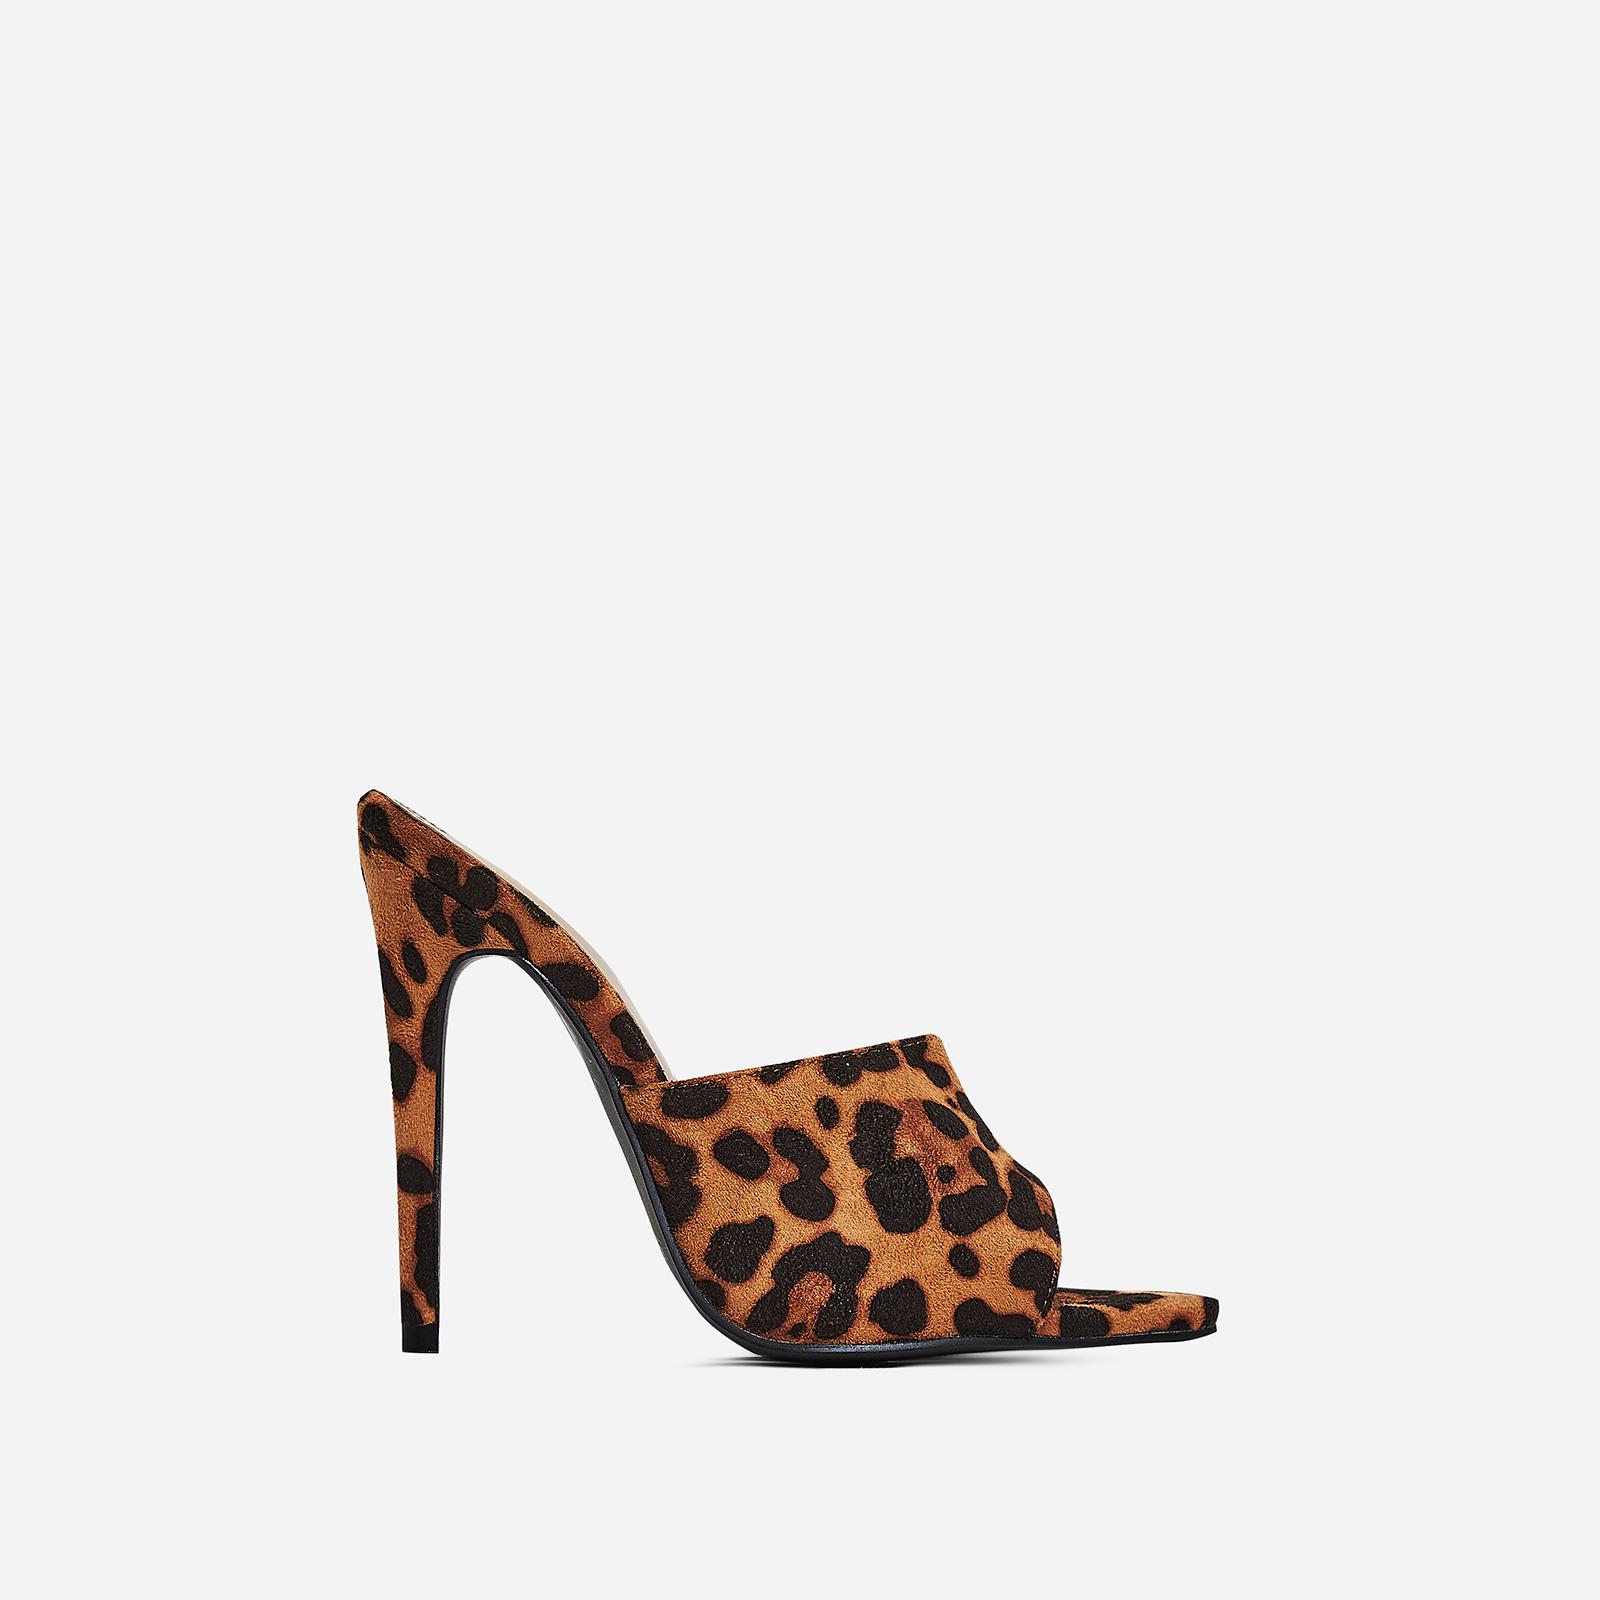 Zadie Pointed Peep Toe Heel Mule In Tan Leopard Print Faux Suede